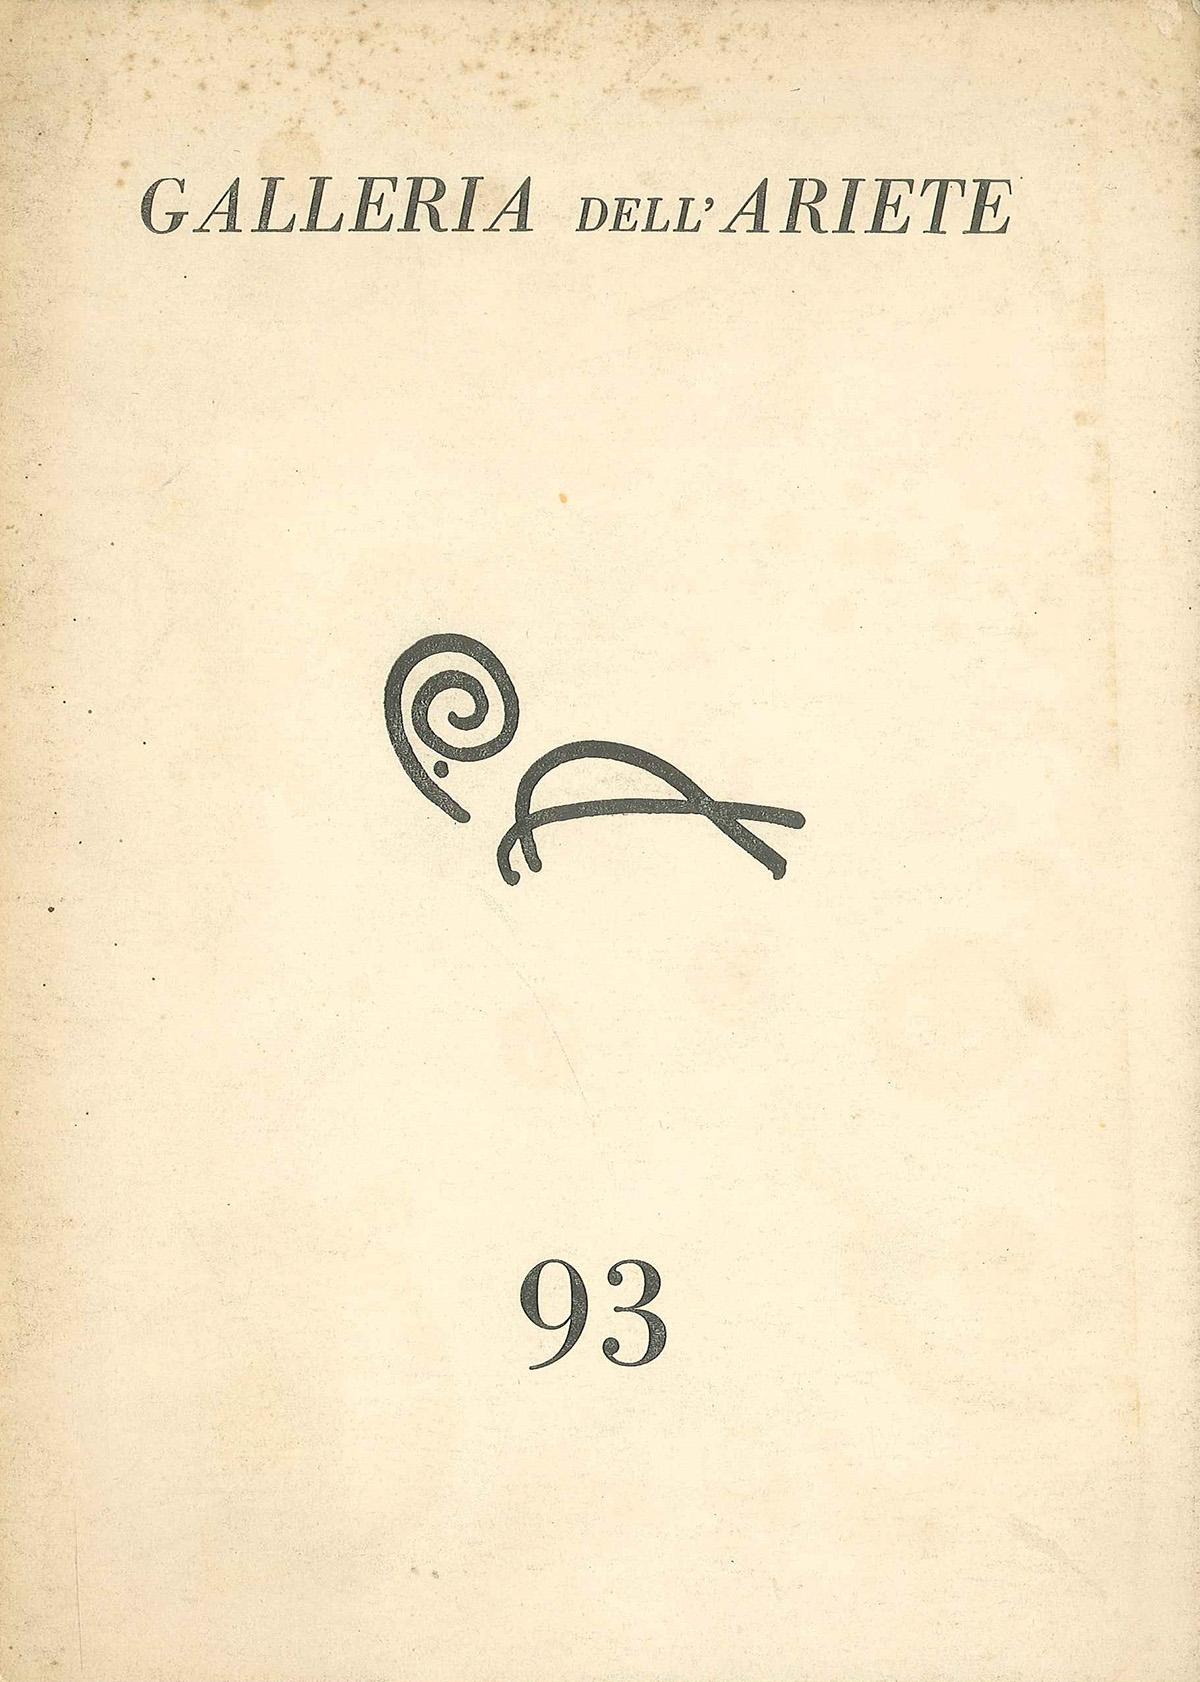 Cover - Castellani, Gillo Dorfles, 1963, Galleria dell'Ariete, Milano